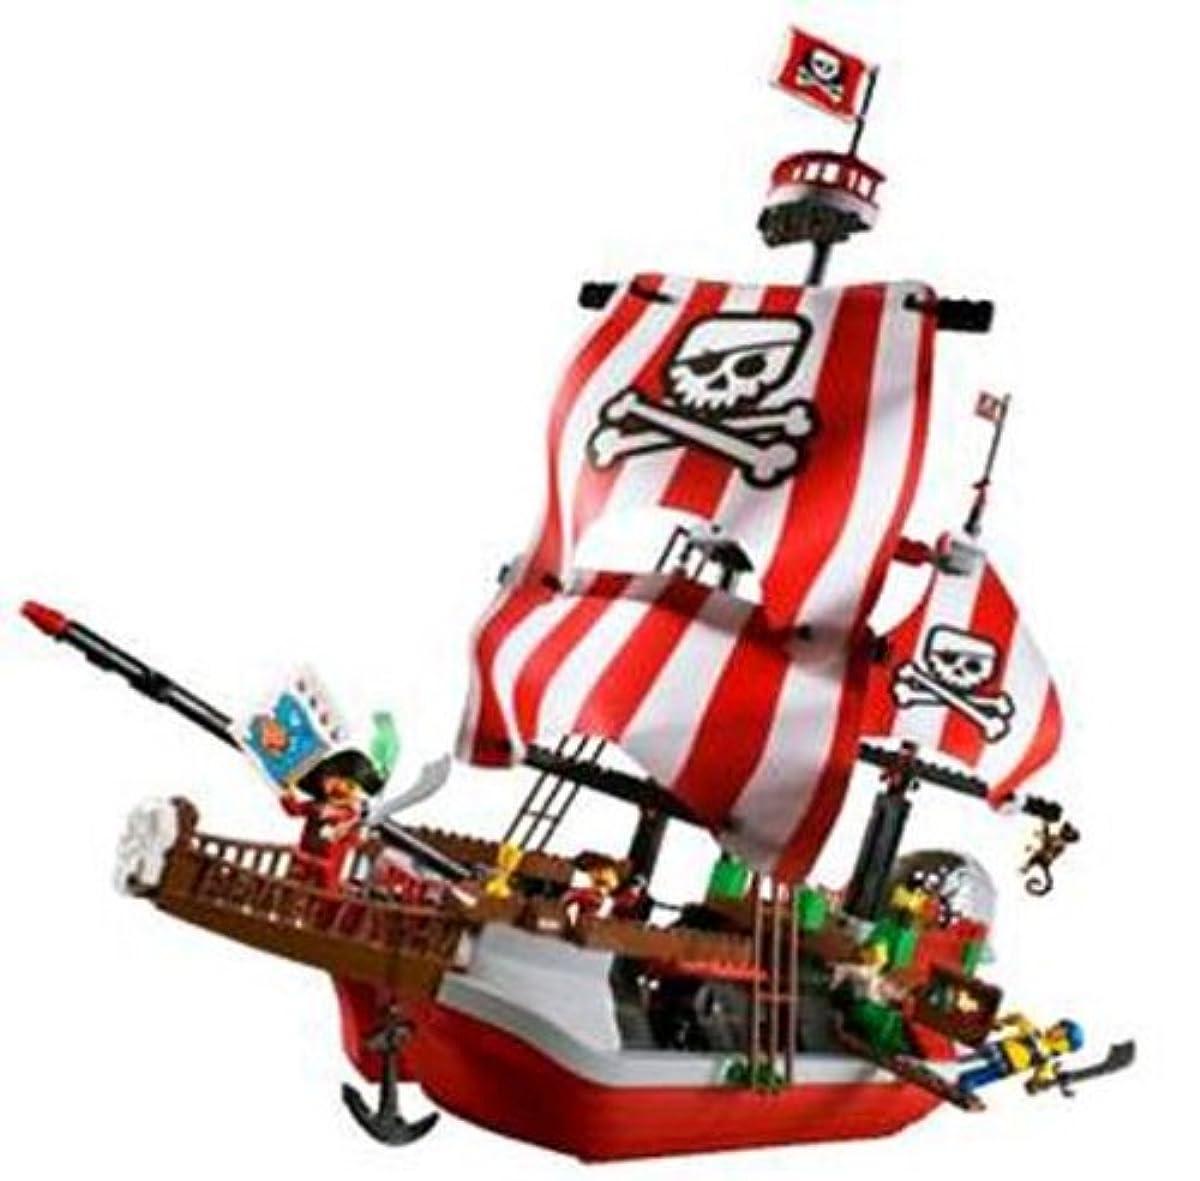 [해외] 레고 (LEGO) 파이럿 쥬니어 적수염 선장의 해네요 #선 7075-67346 (2004-07-11)